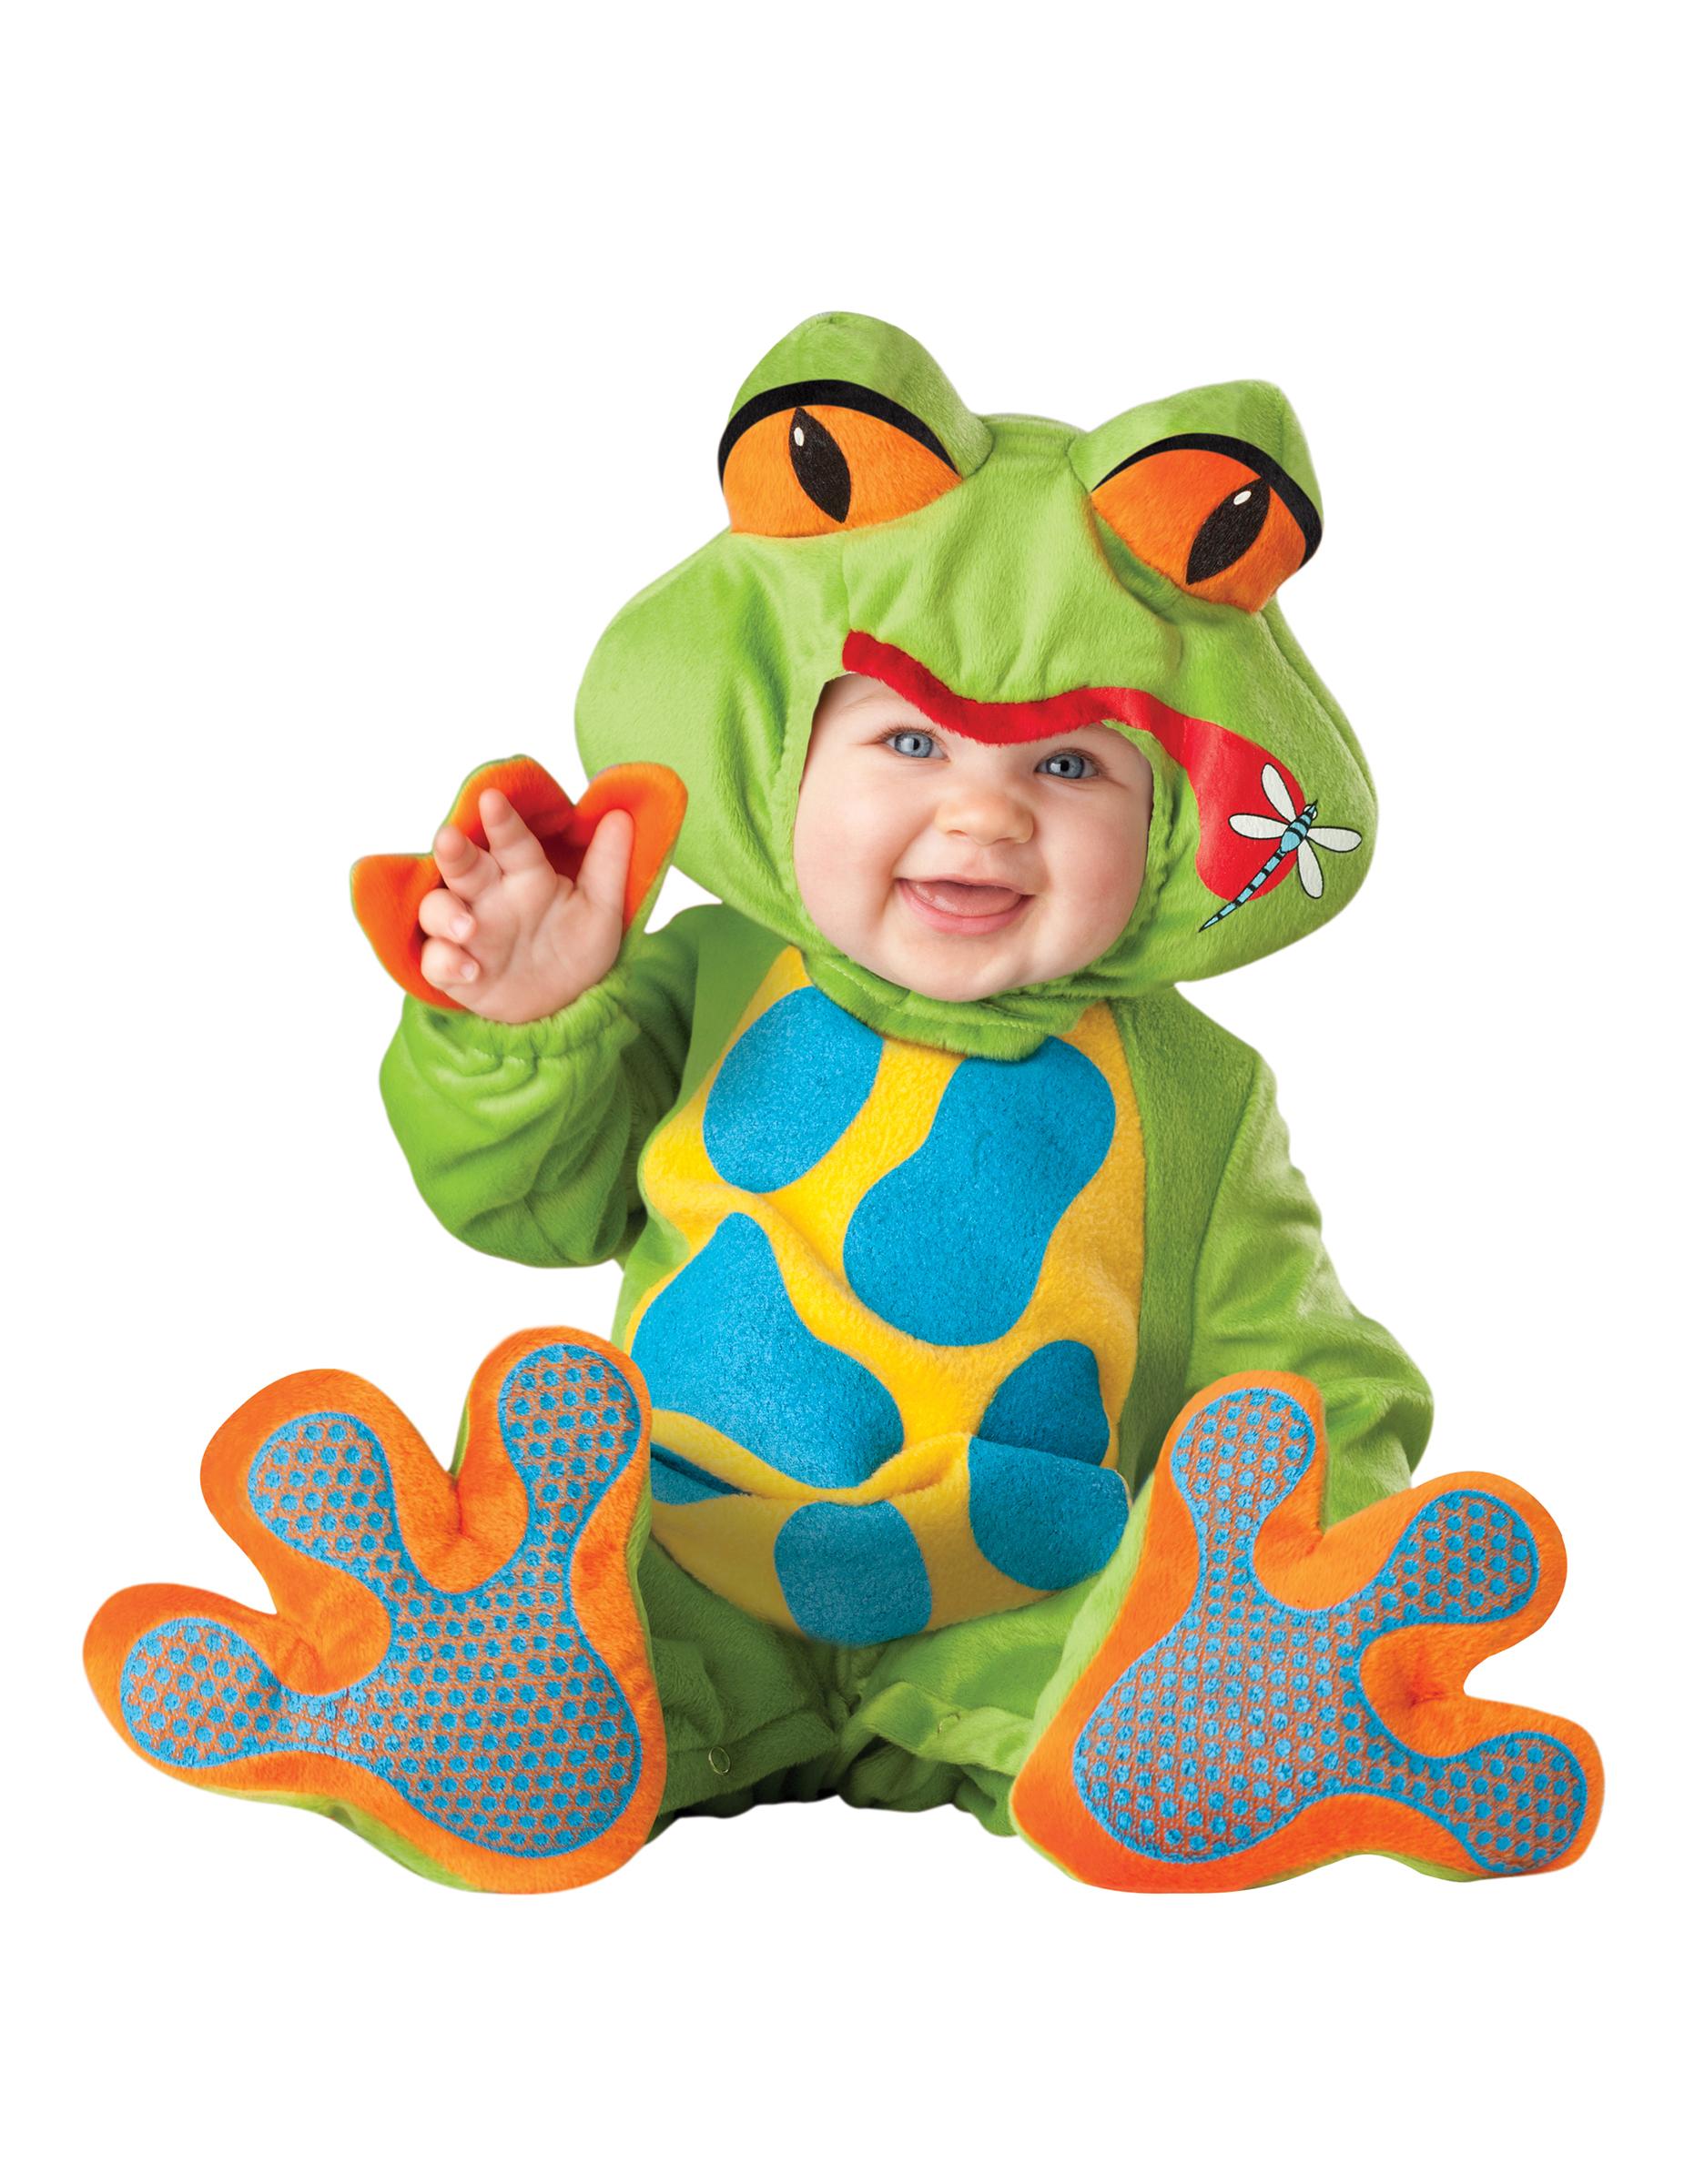 Premium frø - baby udklædning, køb Kostumer til børn på Vegaoo.dk